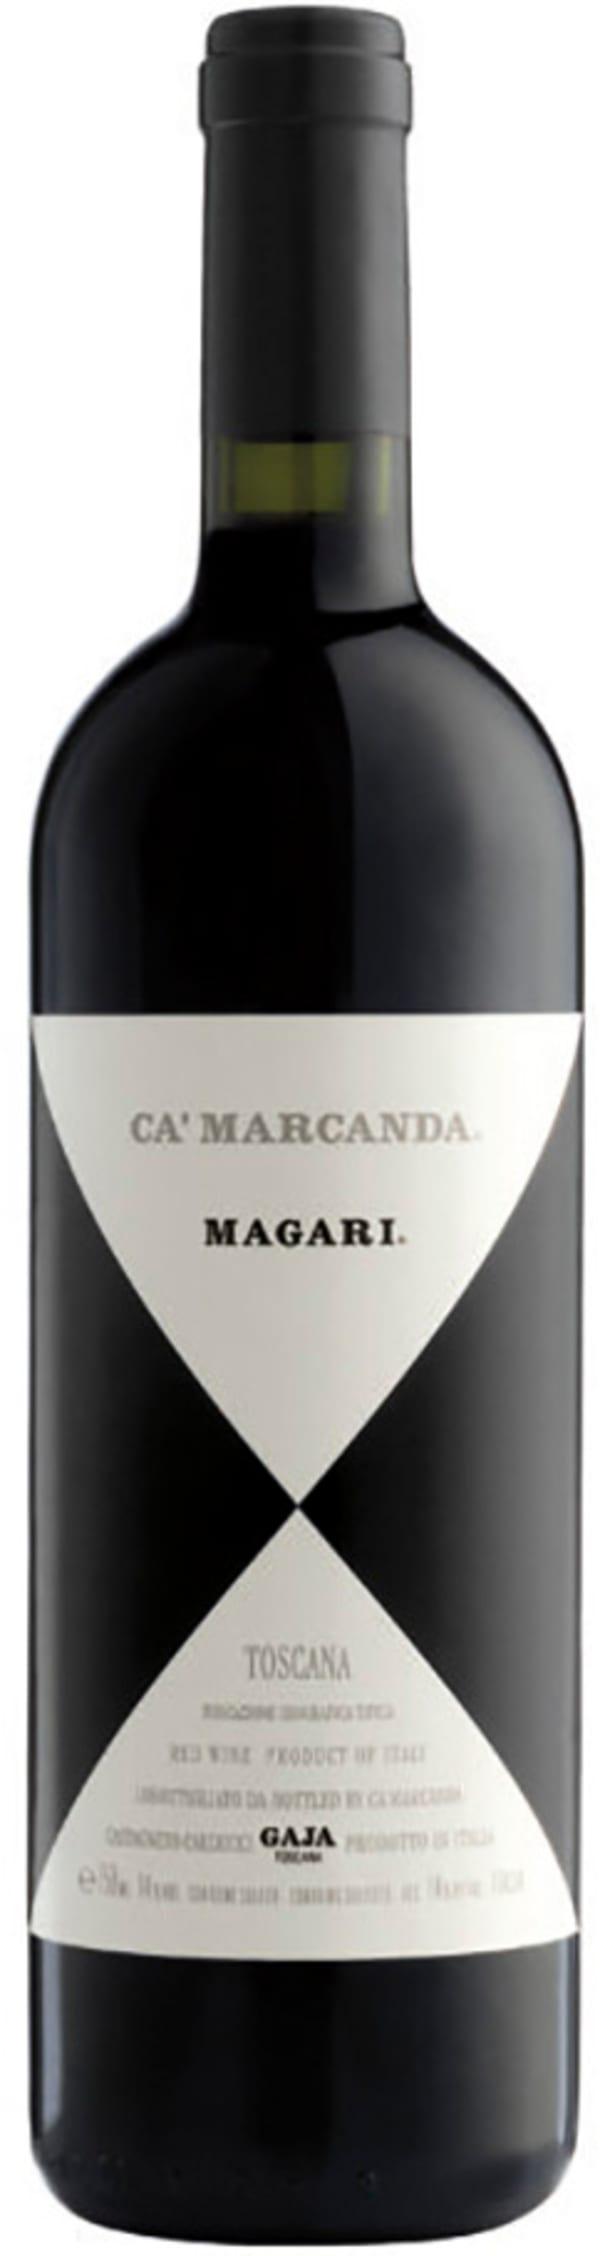 Gaja Ca'Marcanda Magari 2016